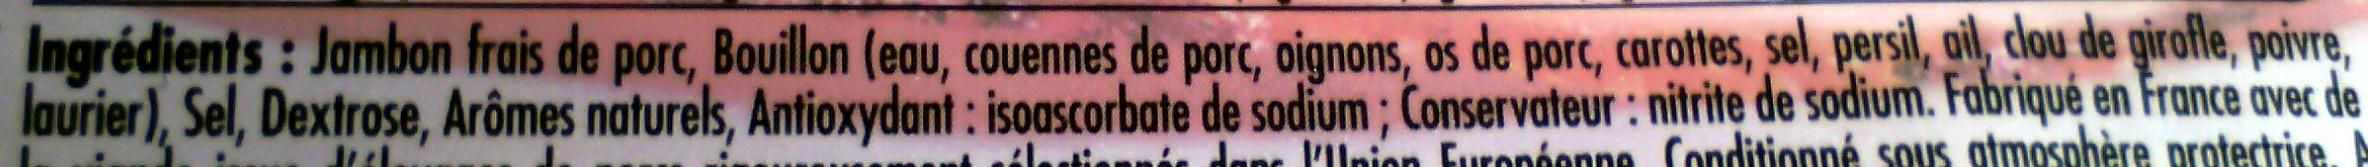 Tendre Noix, à la Broche (4 Tranches) - Ingrediënten - fr